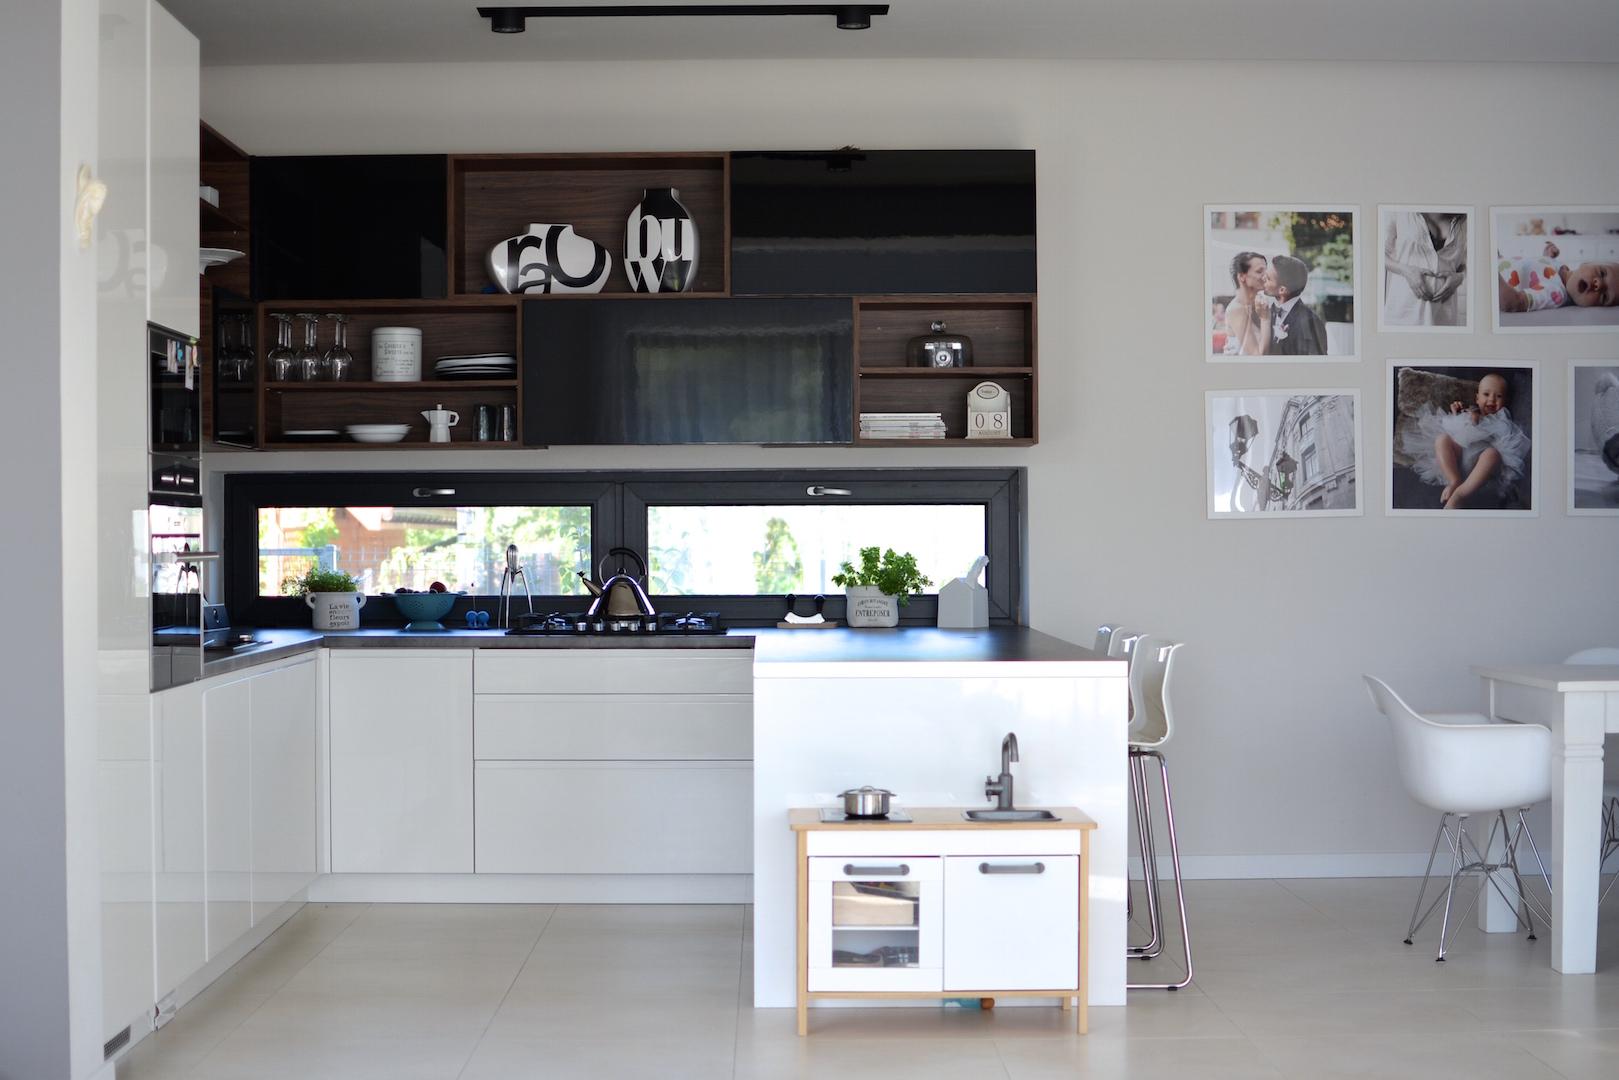 moja kuchnia, styl skandynawski, niskie okno w kuchni, scandi, kitchen, kuchnia biało czarna, kuchnia nowoczesna, otwarte półki